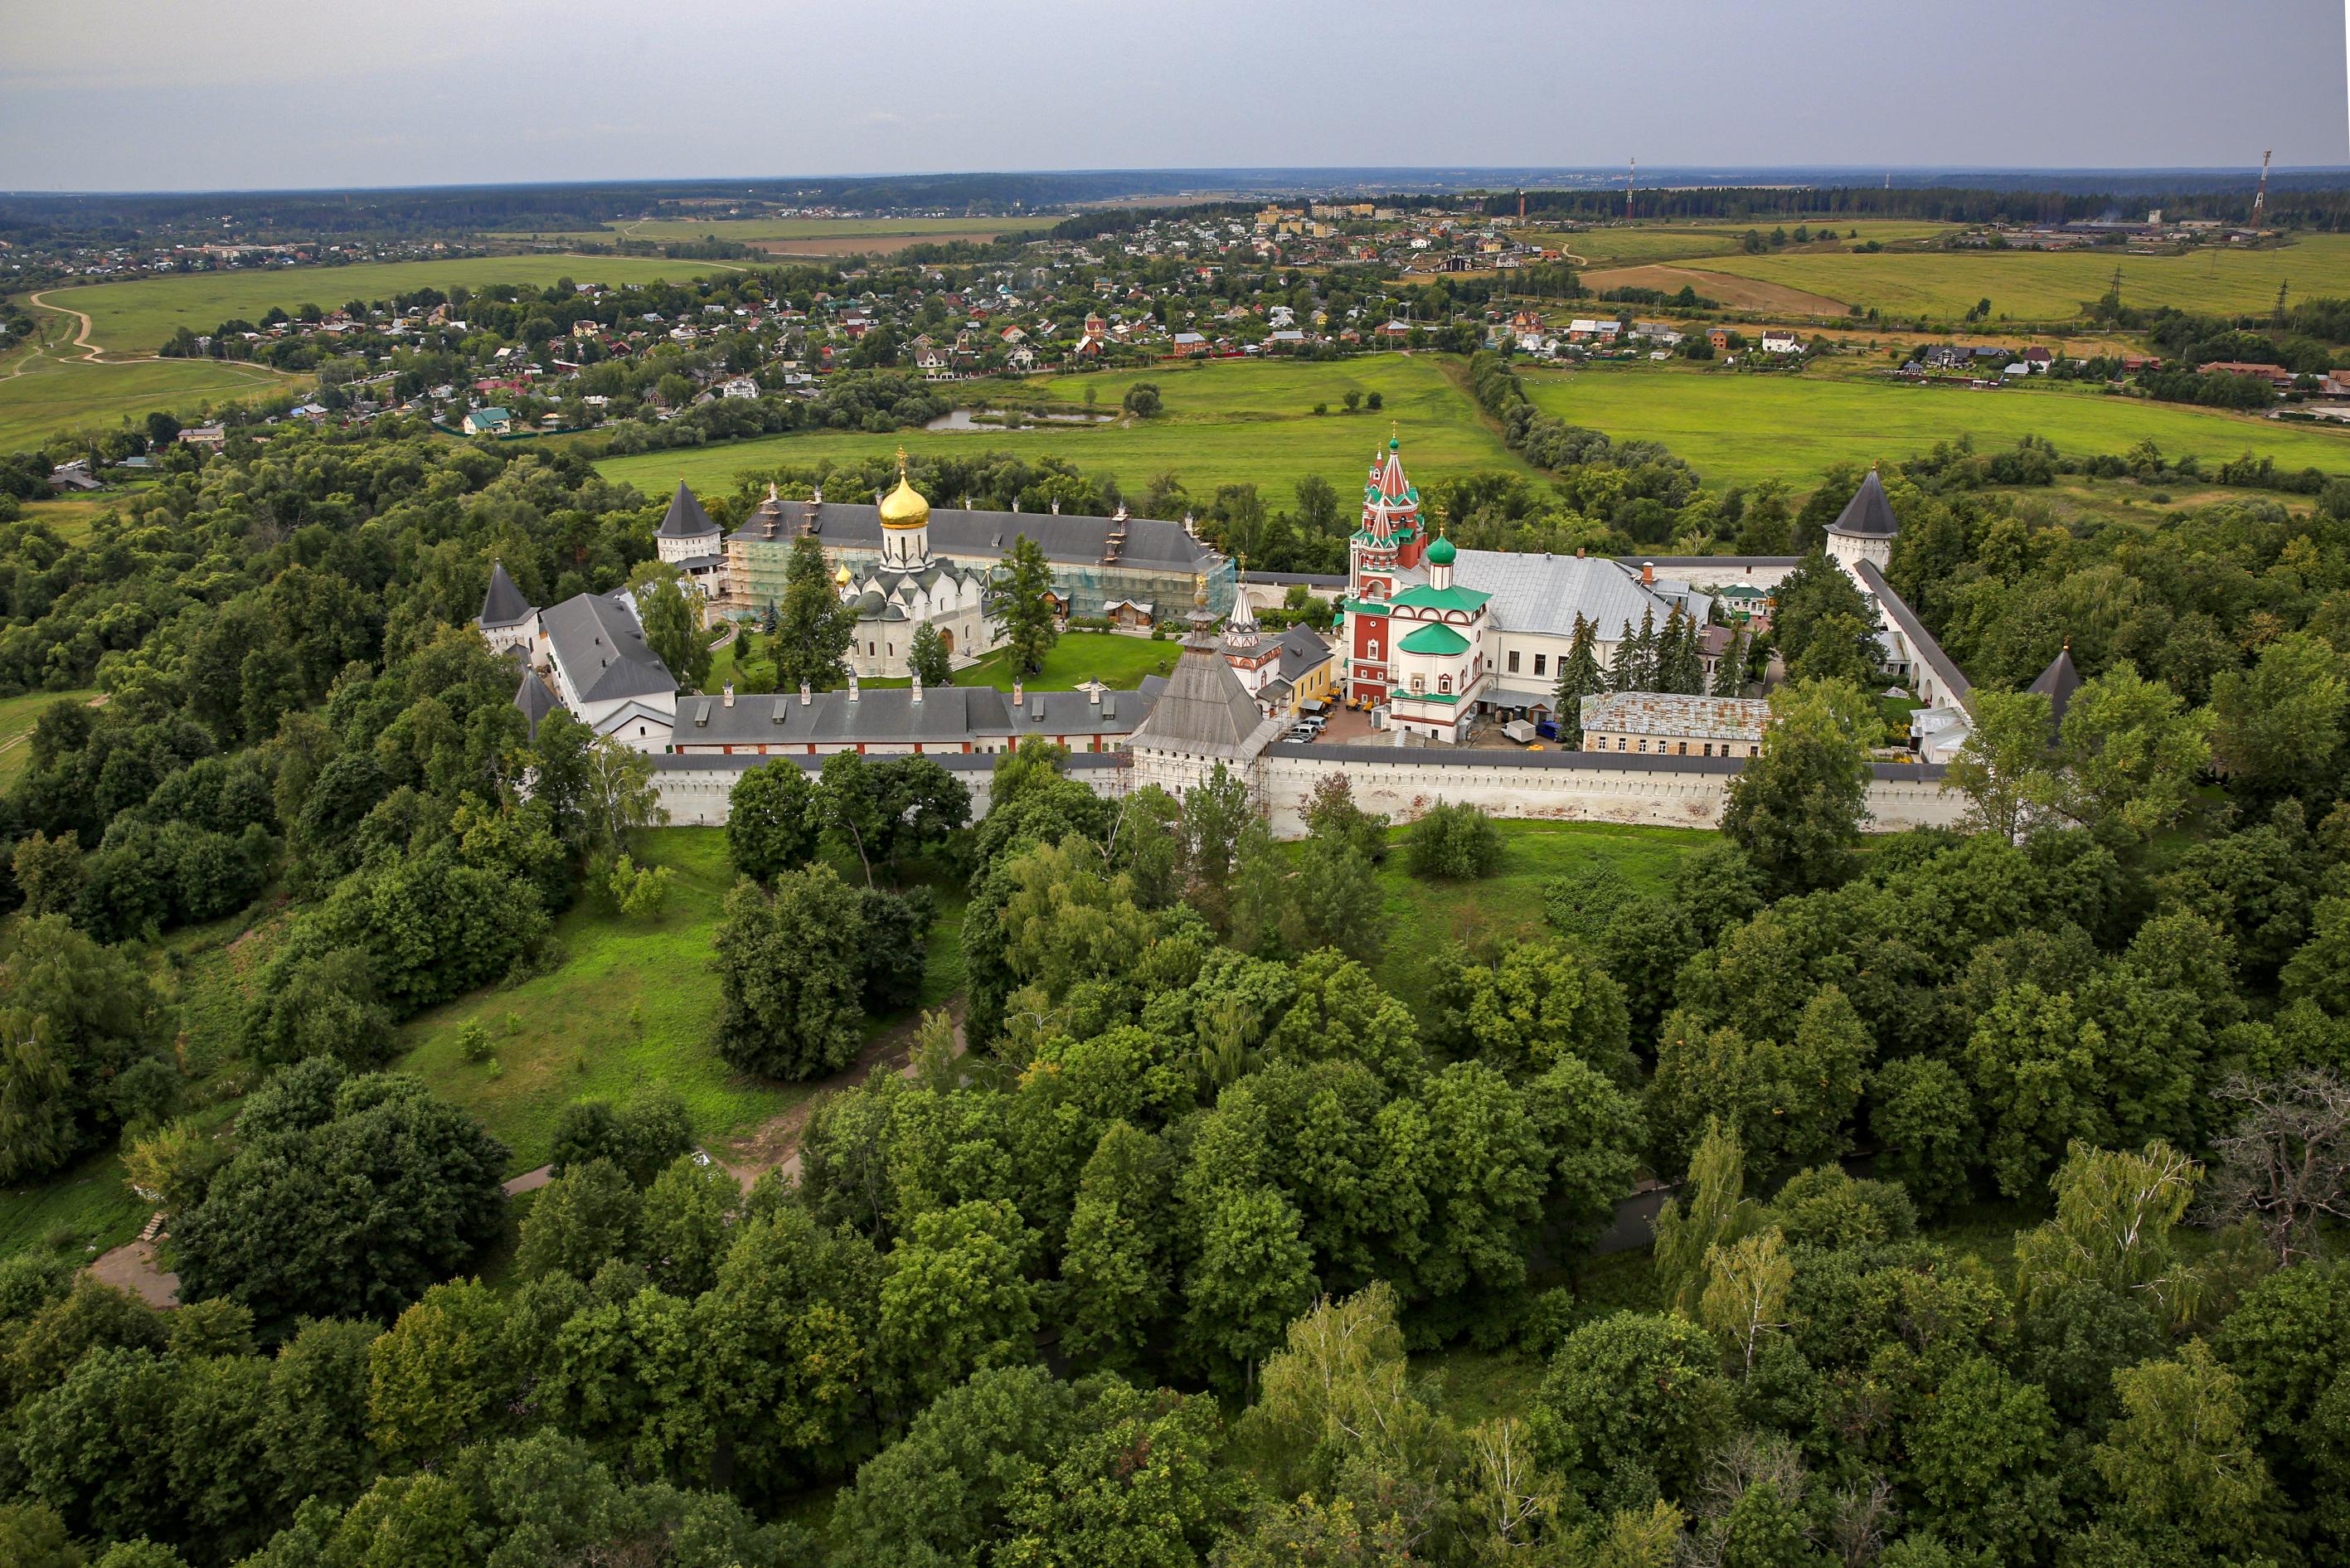 позе ракурсу звенигород московская область фото города лфк